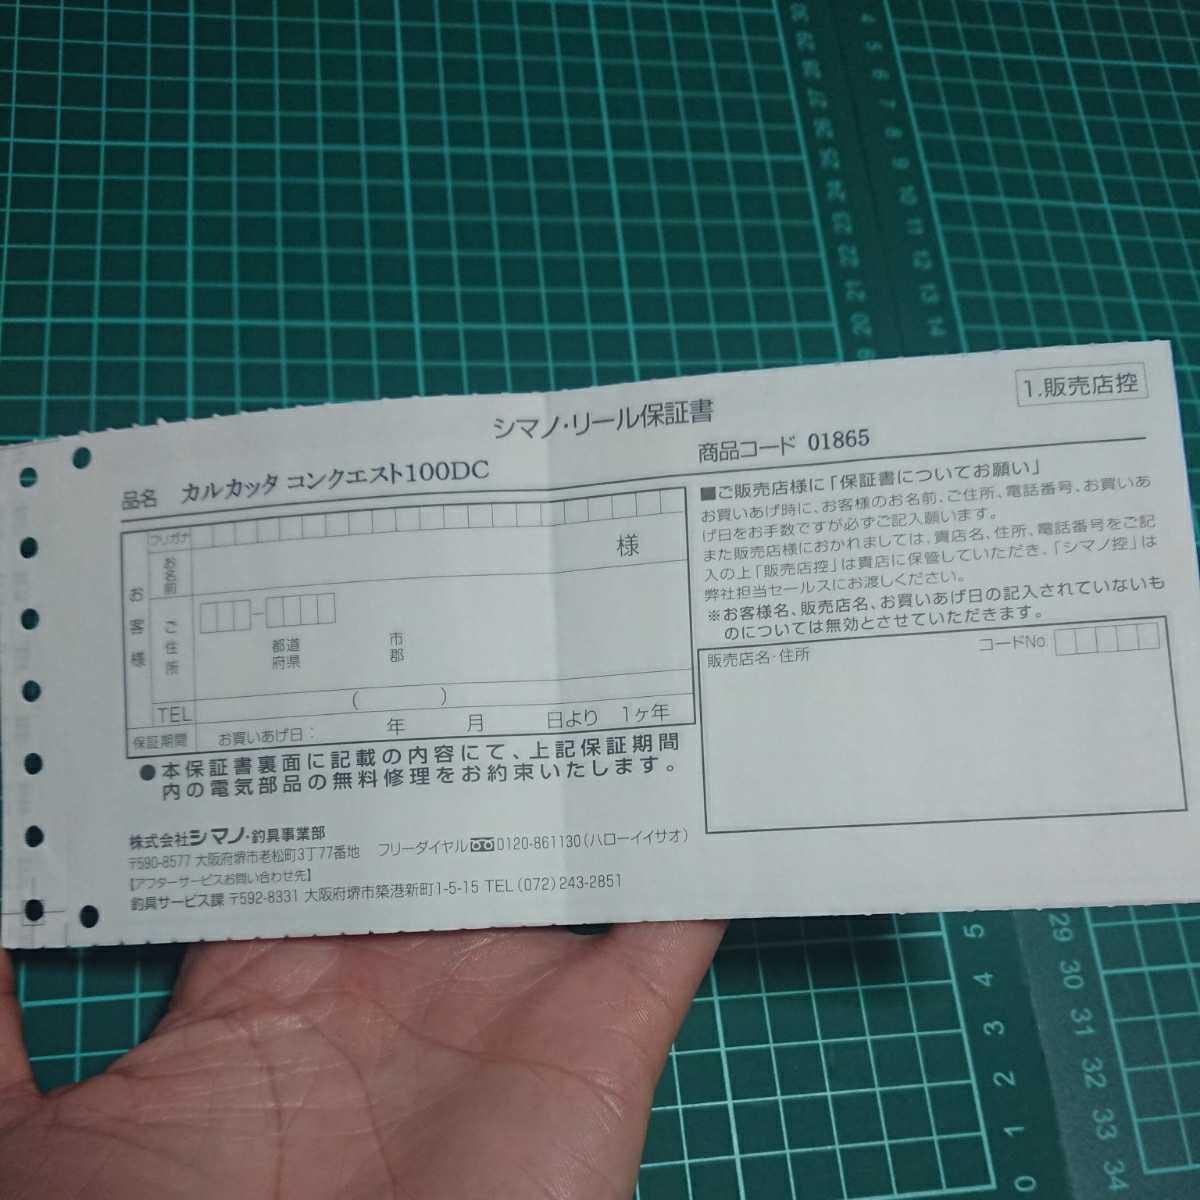 シマノ カルカッタ コンクエスト100DC用 未記入保証書 人気機種 値下不可 ウォッチ不要 即決 同梱不可_画像1